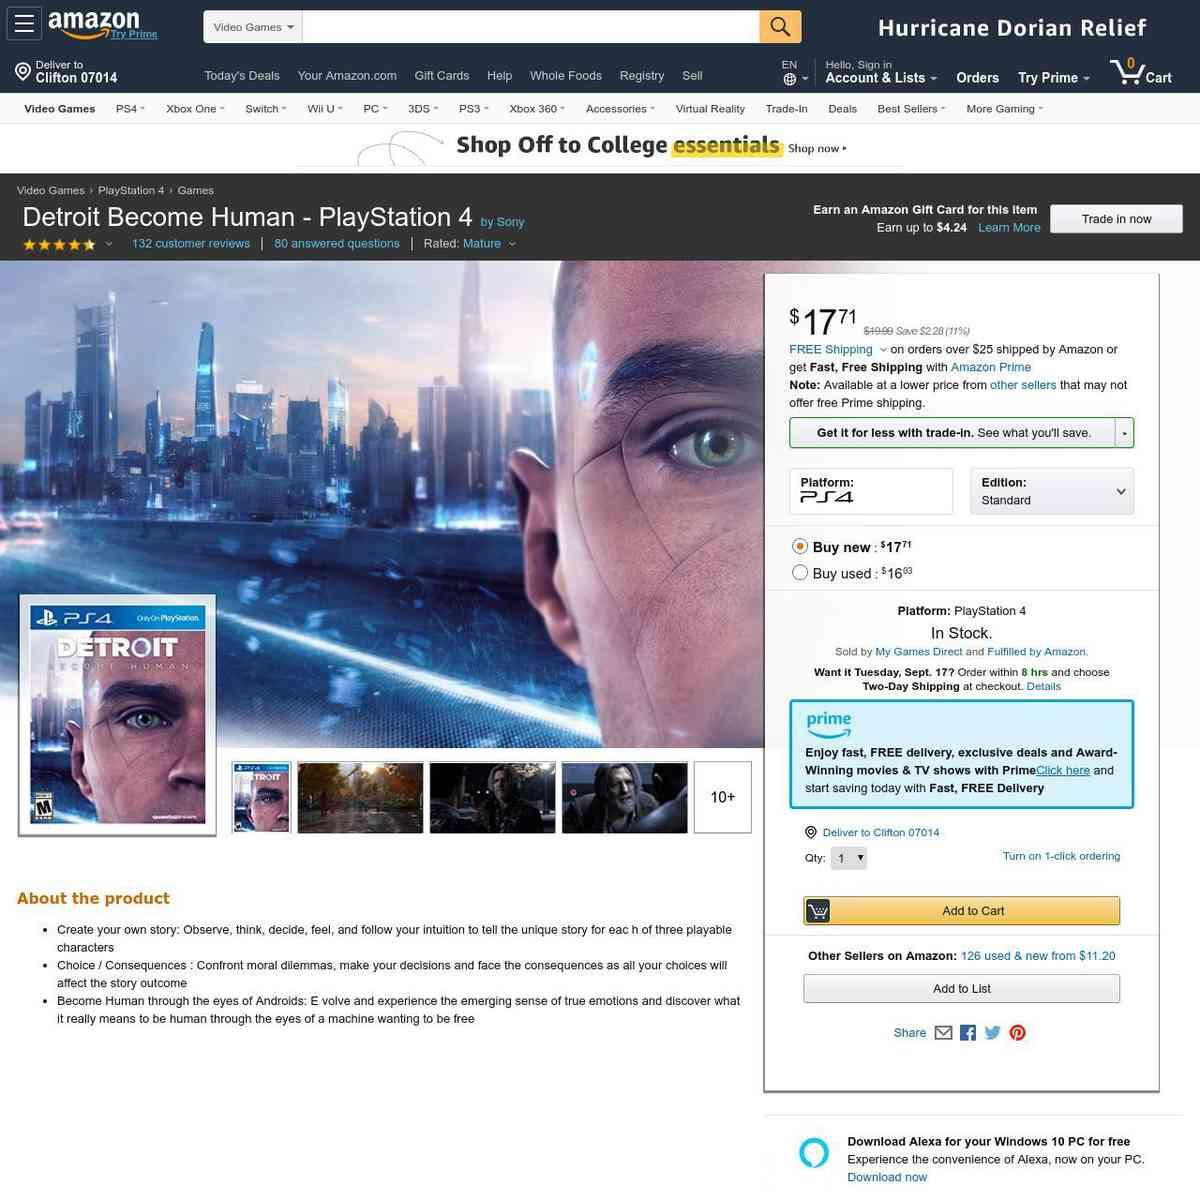 amazon.com/dp/B01GW8XTXS/ref=cm_sw_r_oth_api_i_ukeFDb5V381HM